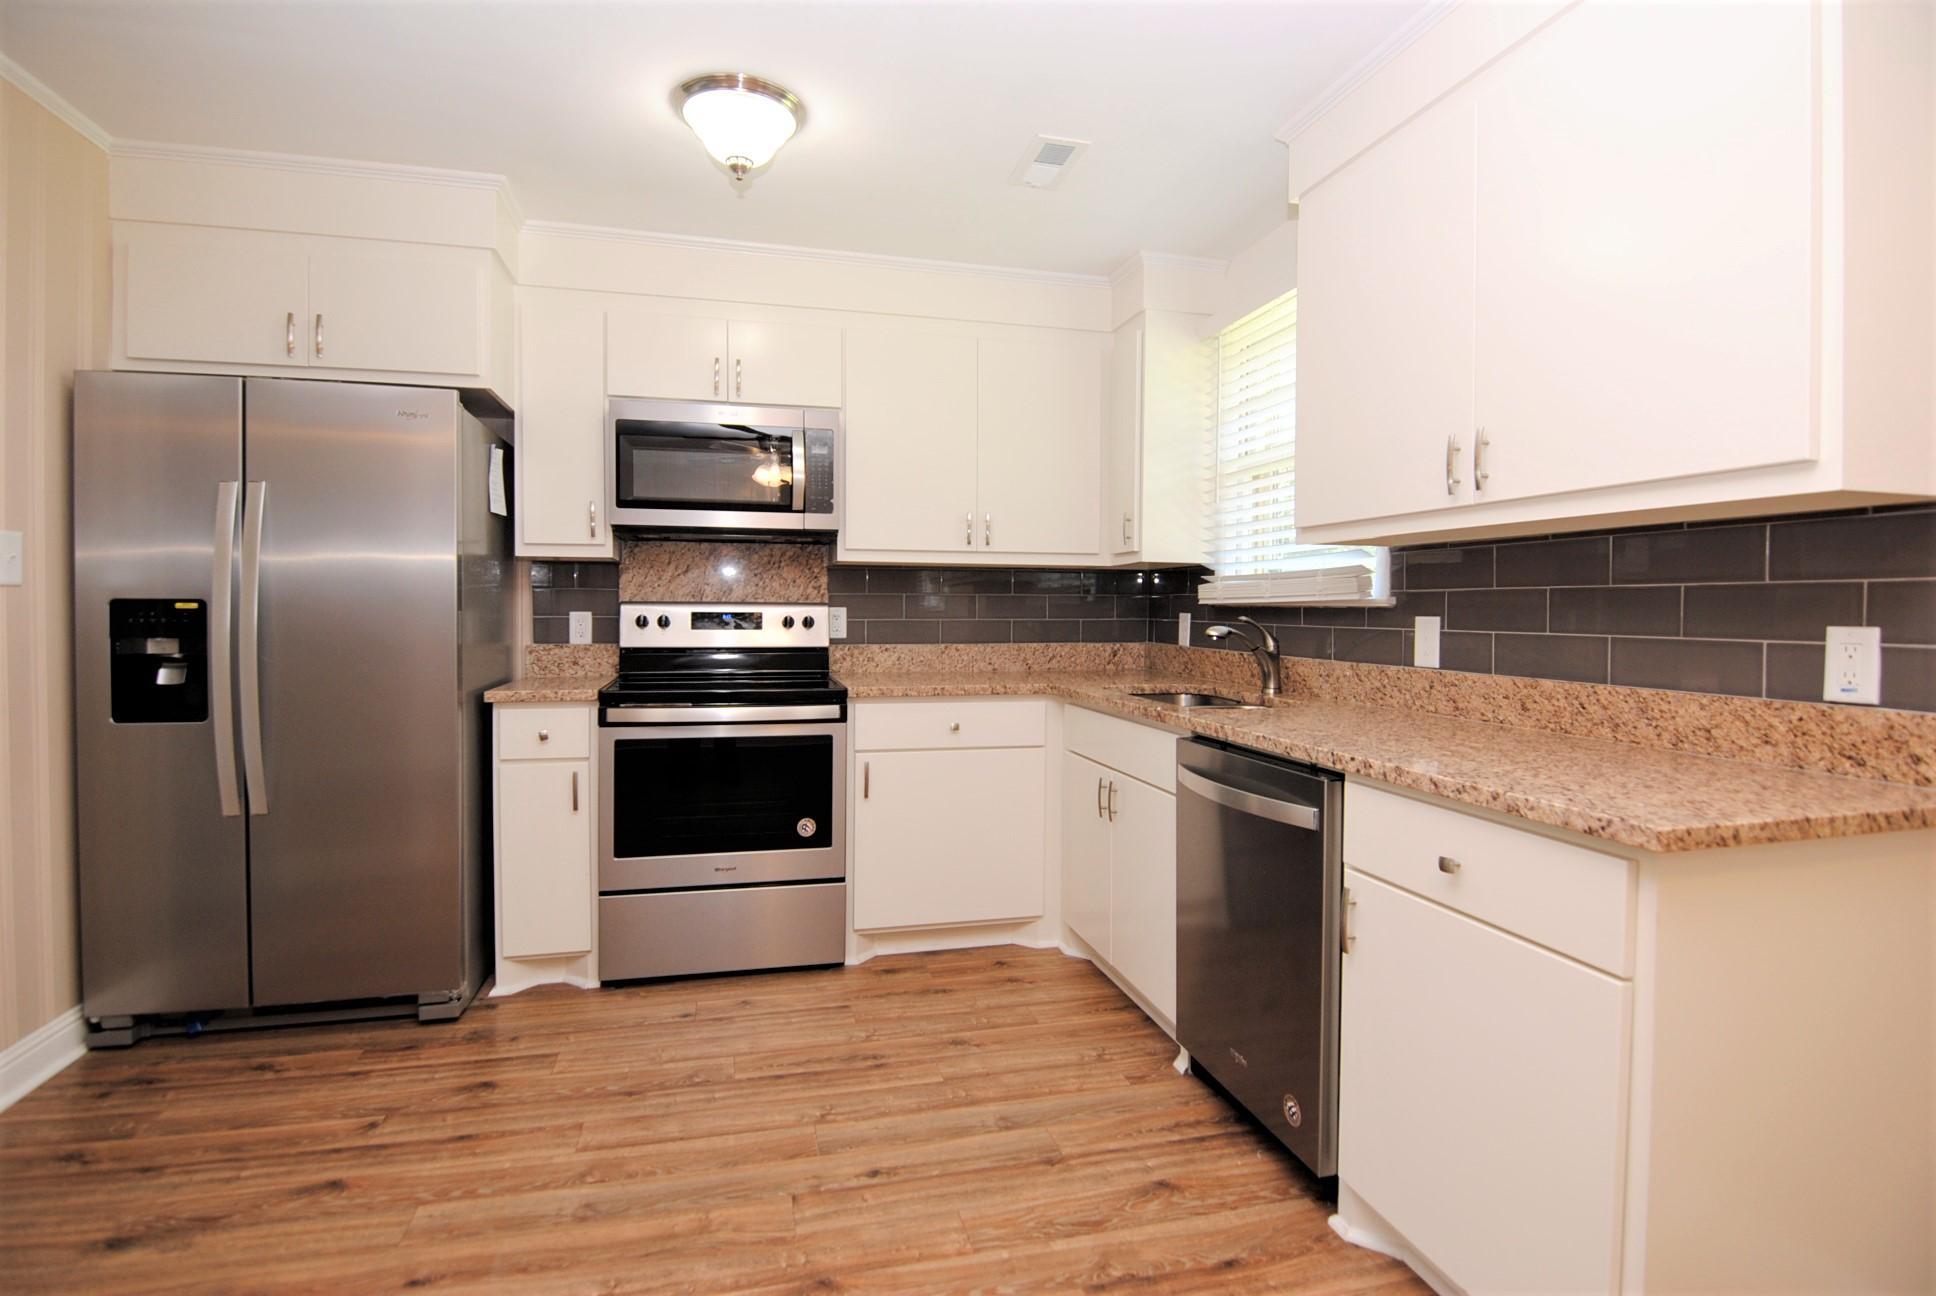 Pinopolis Homes For Sale - 1126 Sugar Hill, Moncks Corner, SC - 1